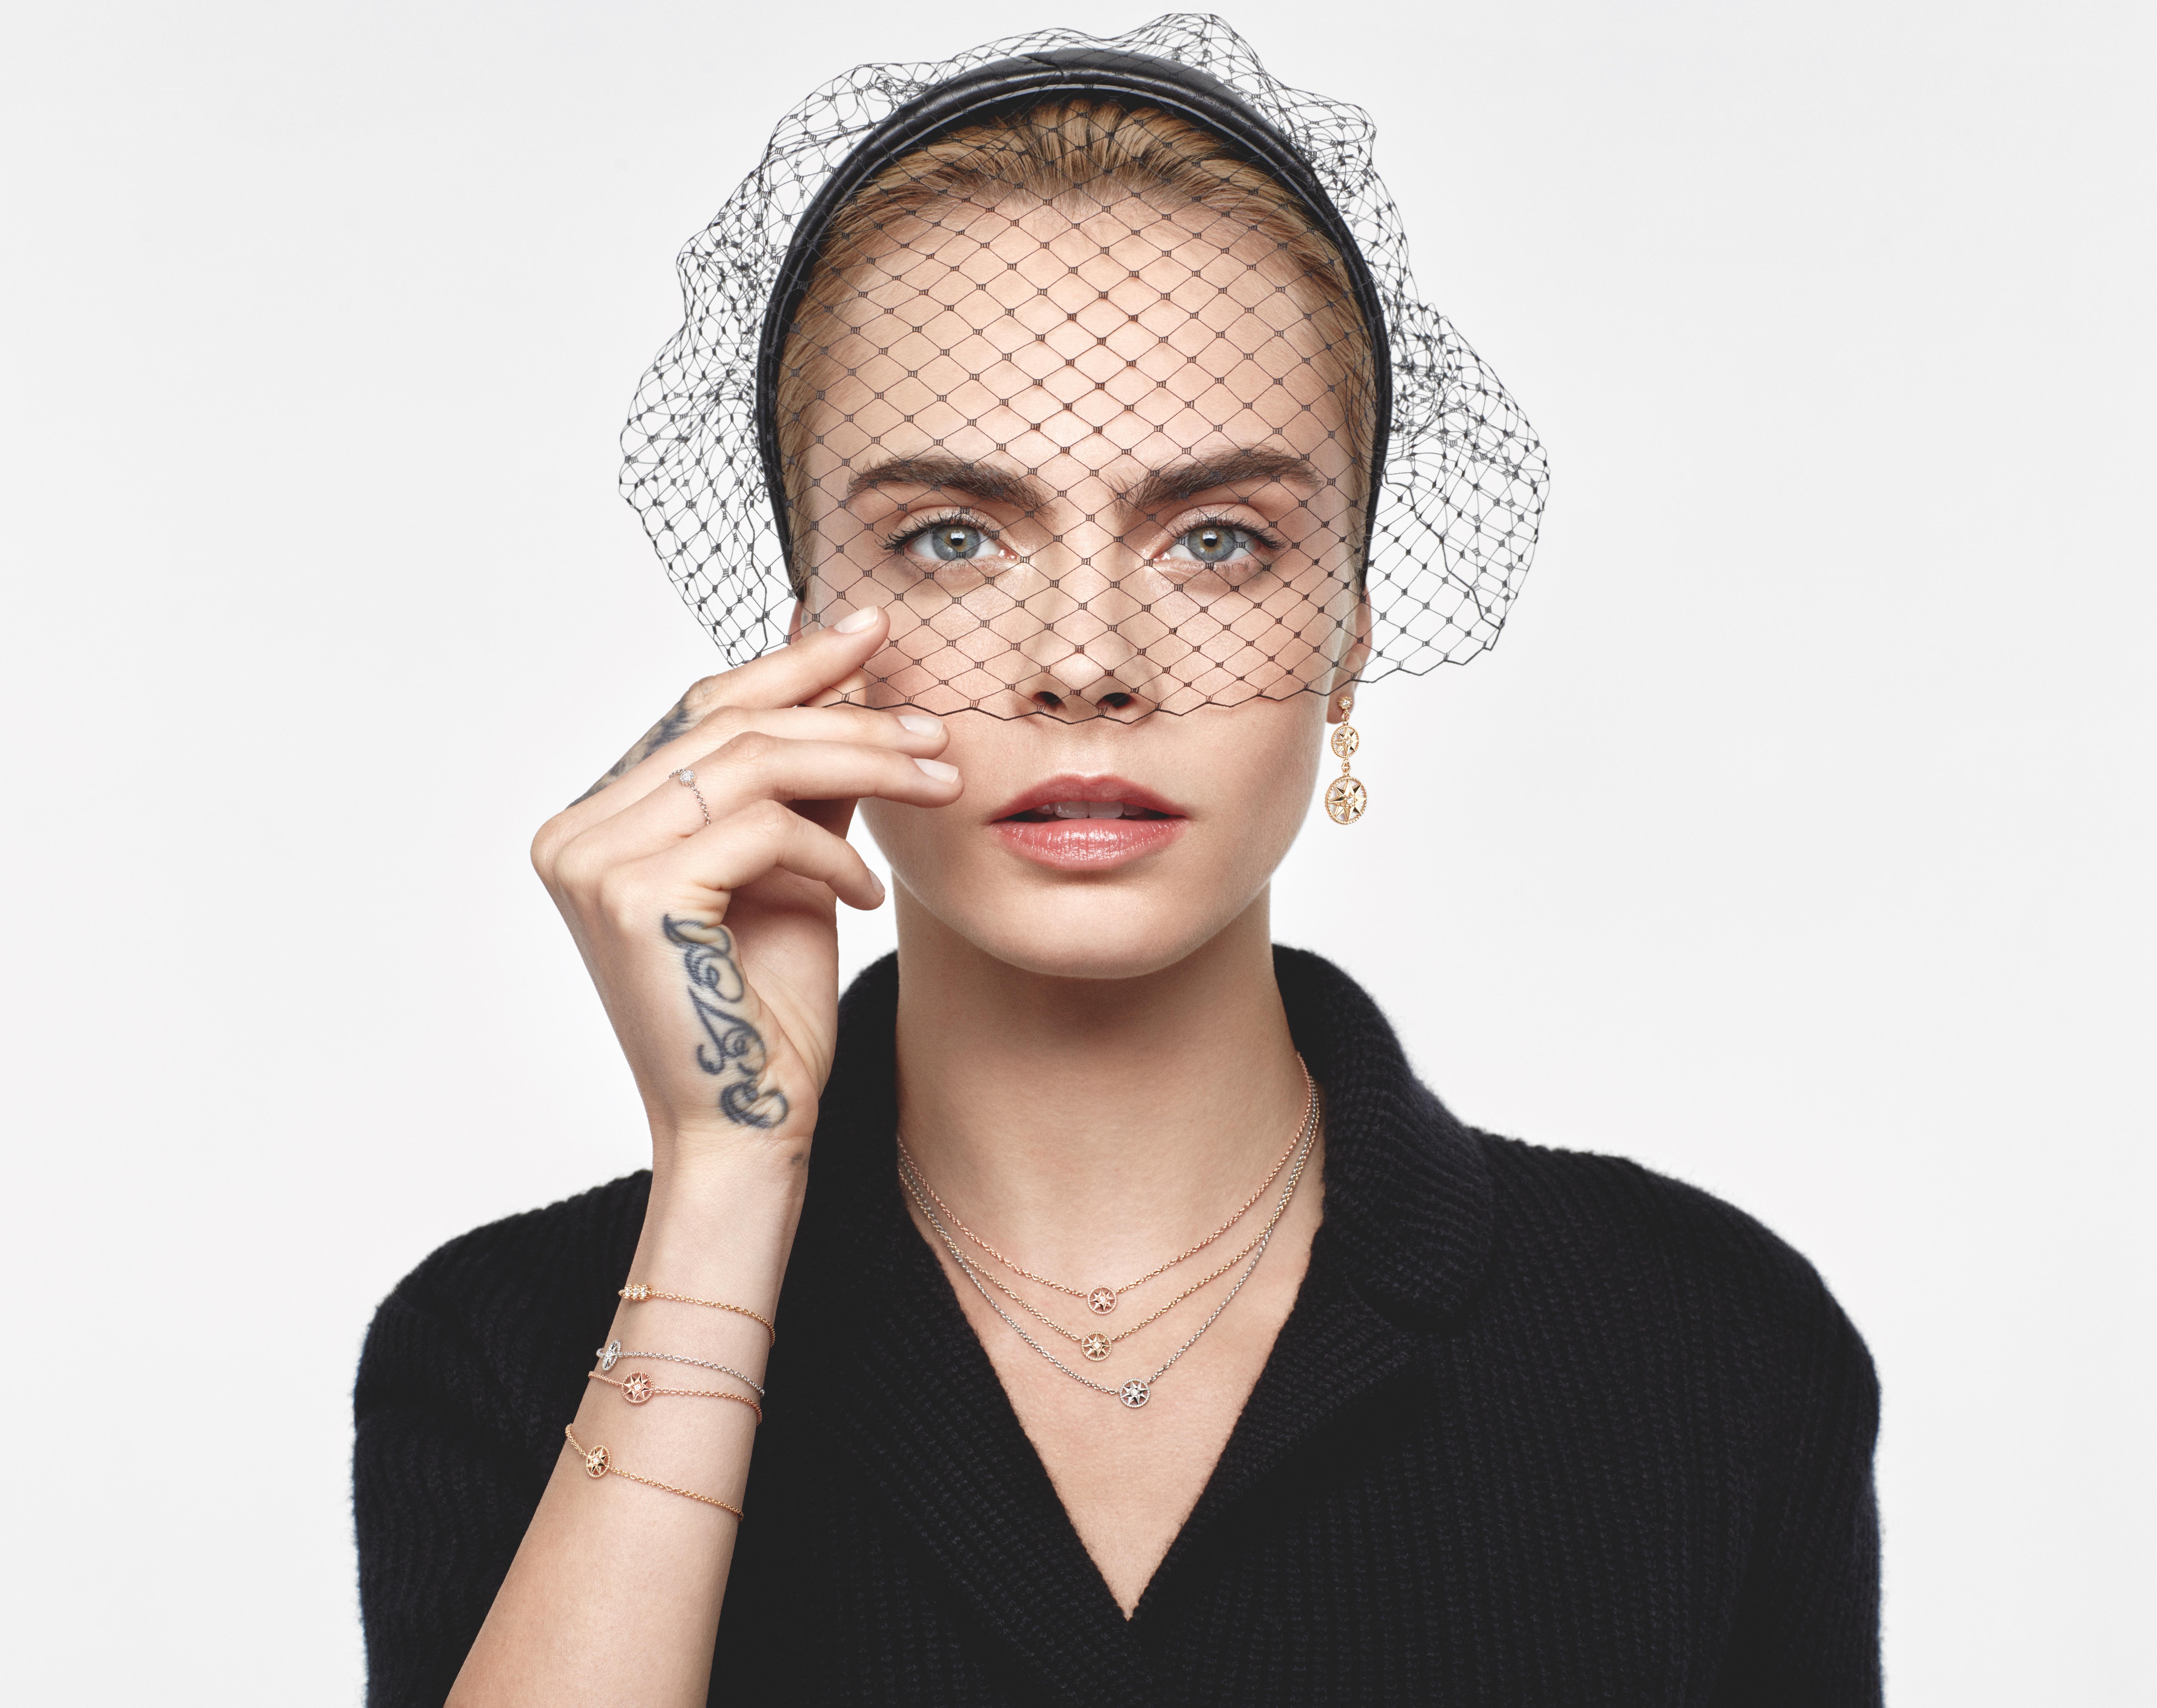 كارا ديليفين بمجوعة ديور Dior الجديدة